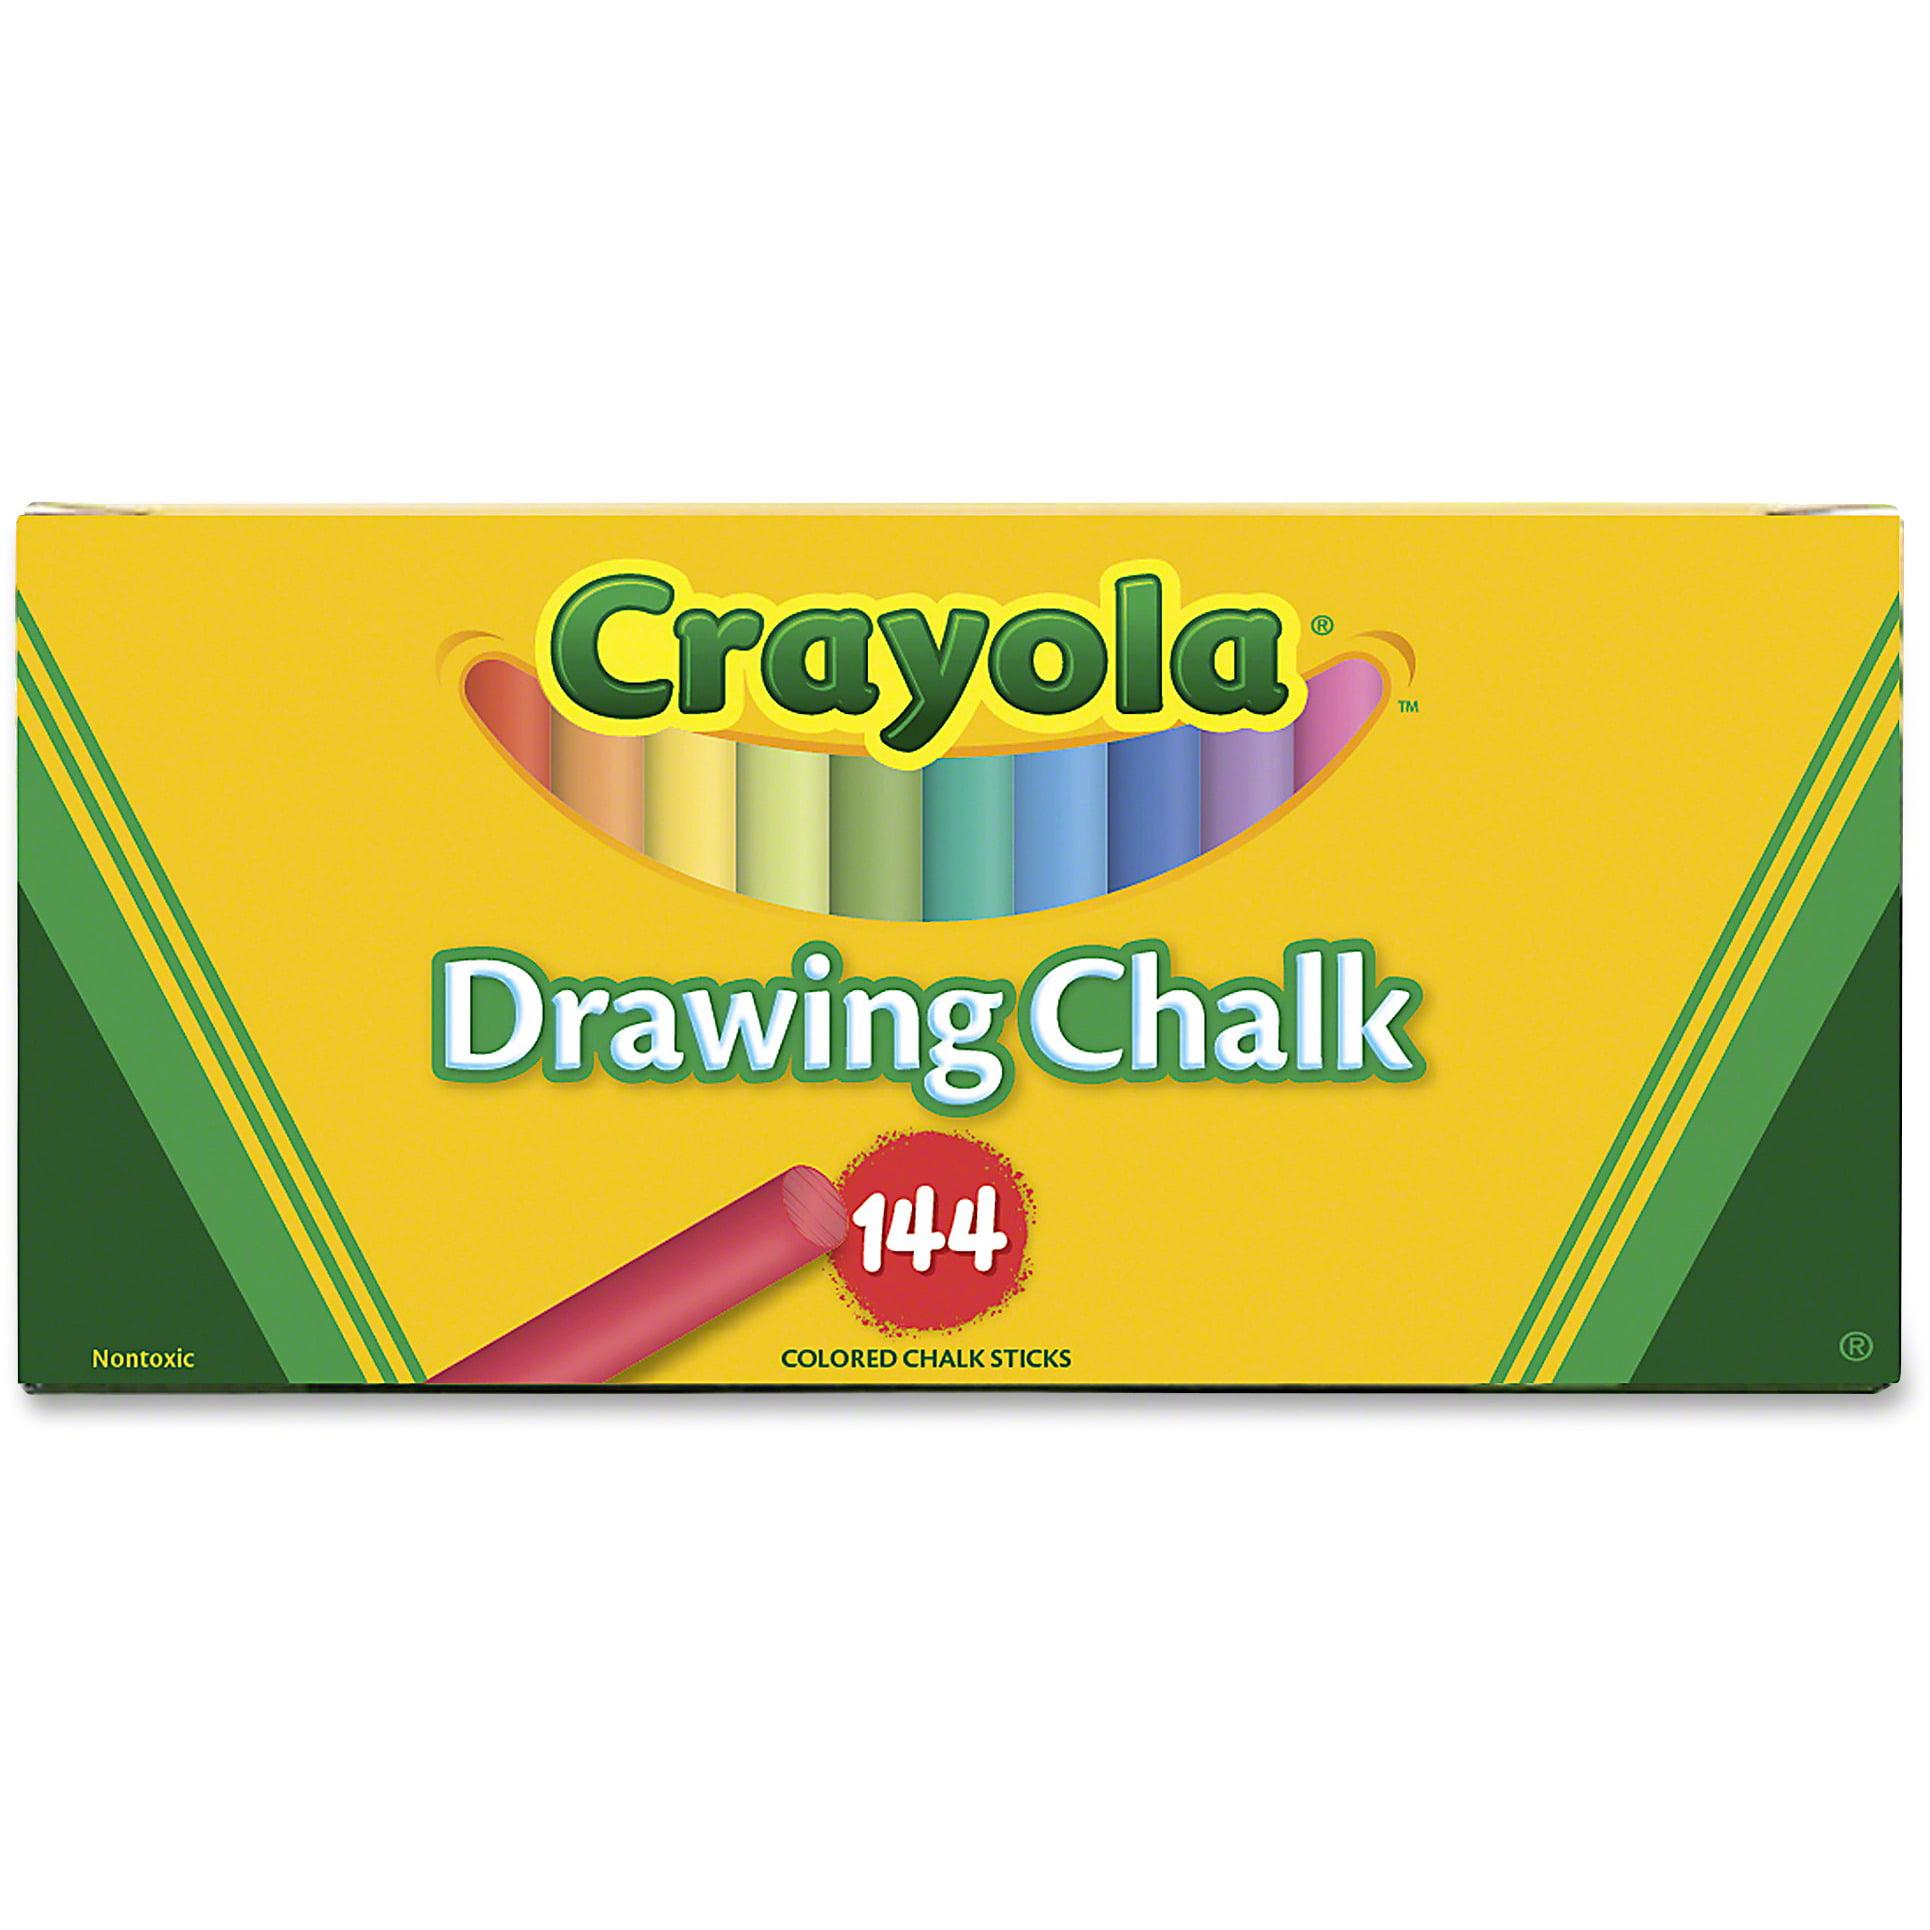 Crayola Drawing Chalk 144 Pkg by Crayola, LLC